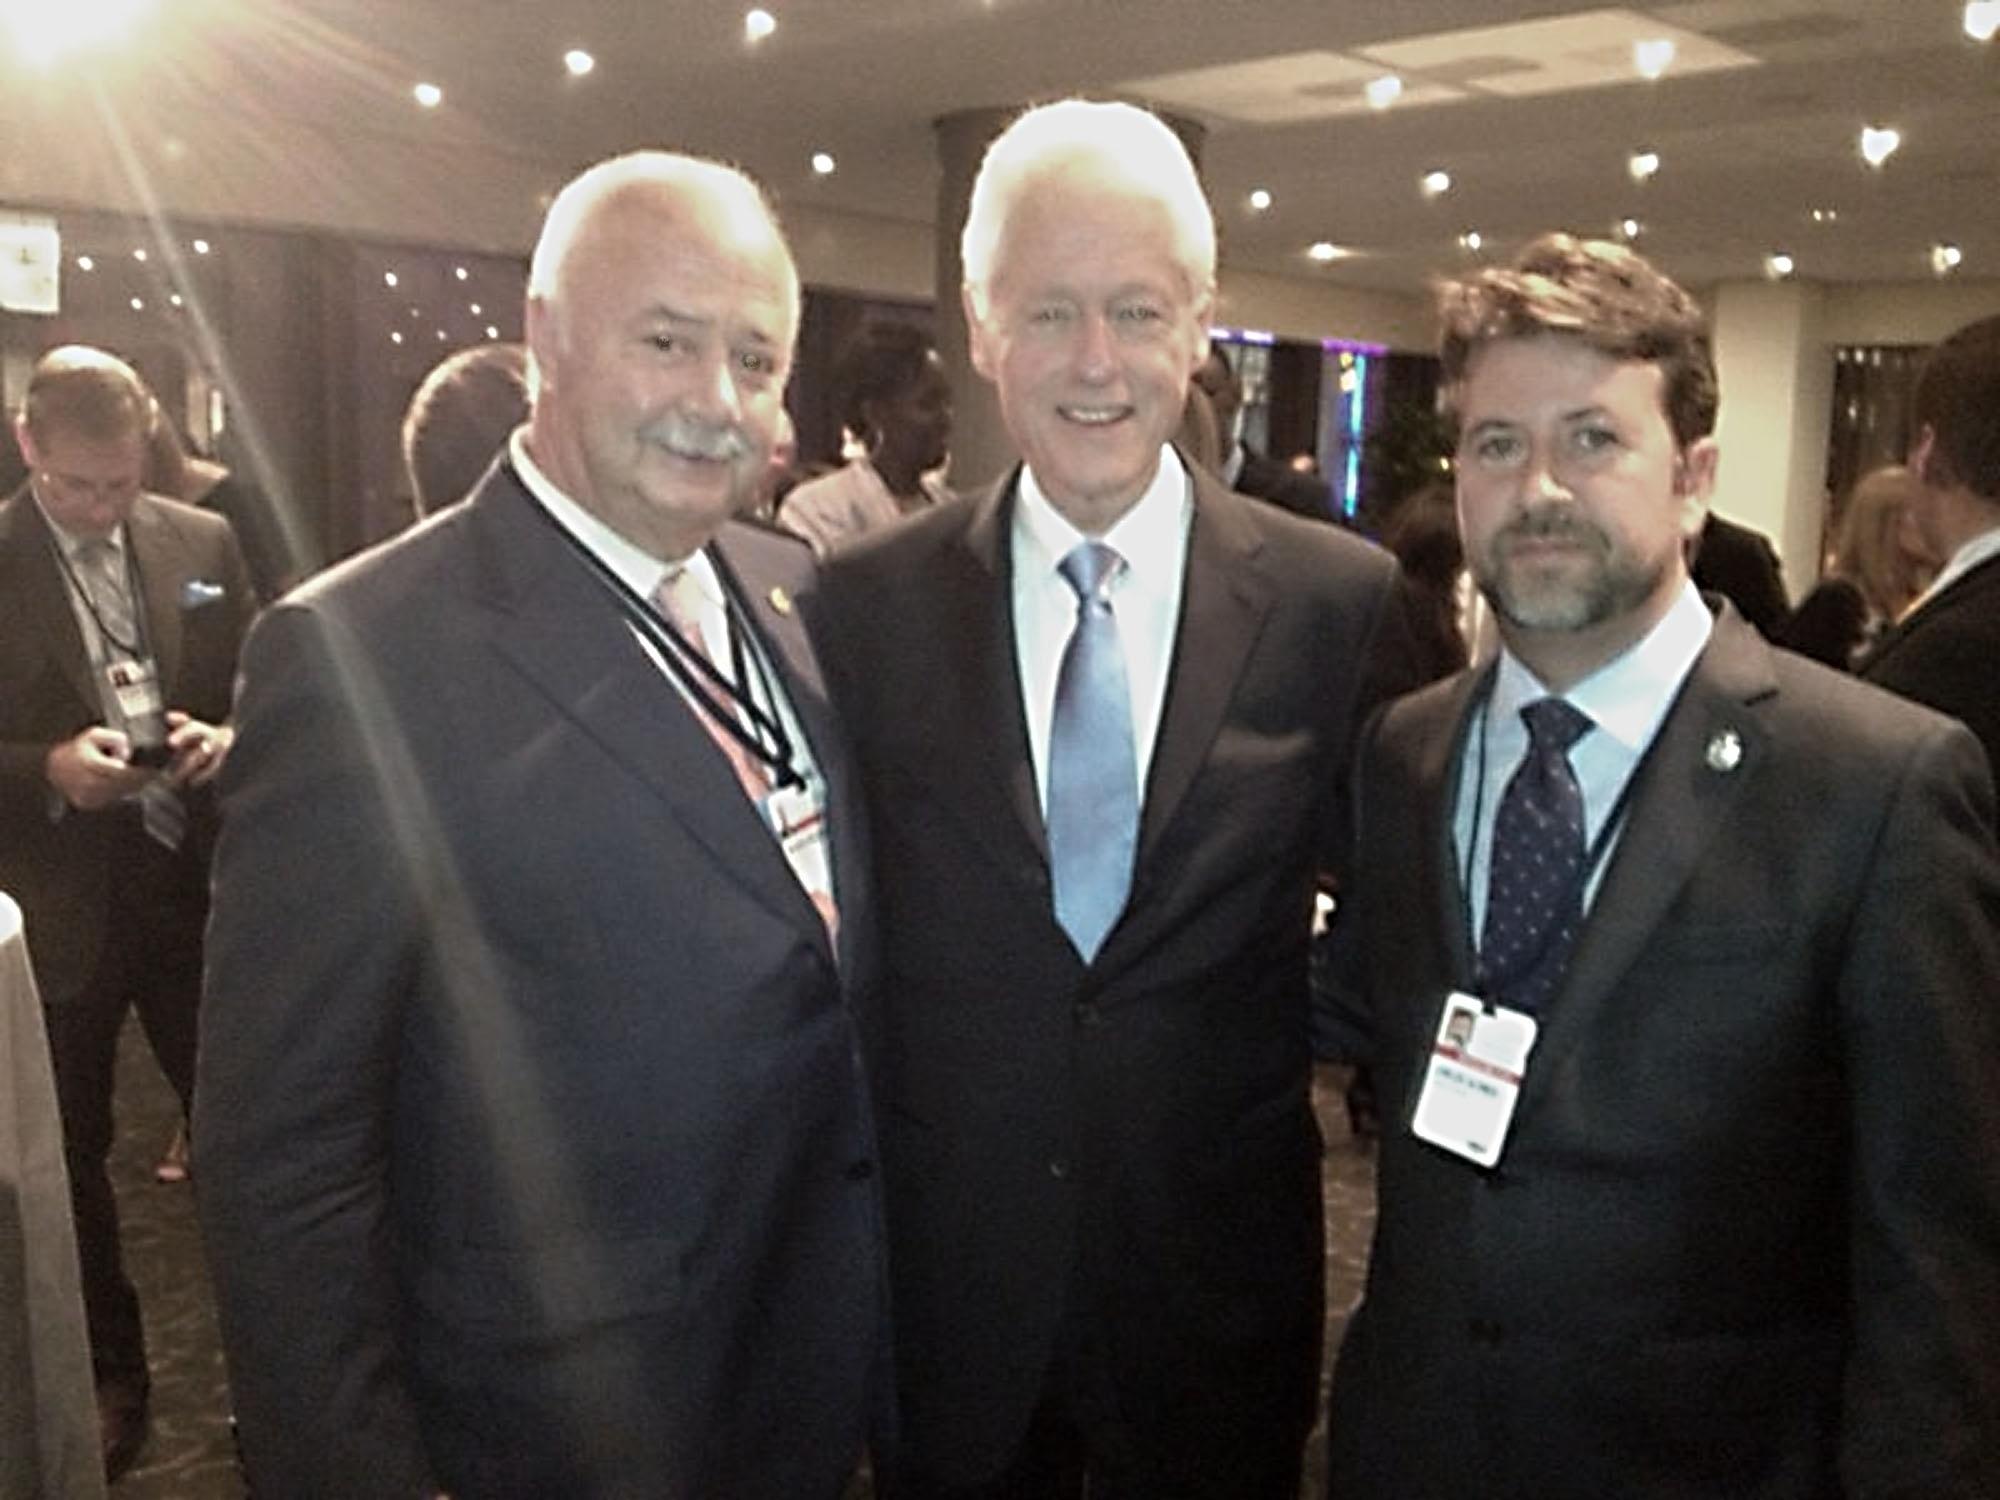 Alonso busca apoyos en Estados Unidos para incluir proyectos de Tenerife en la »Iniciativa Global Clinton»